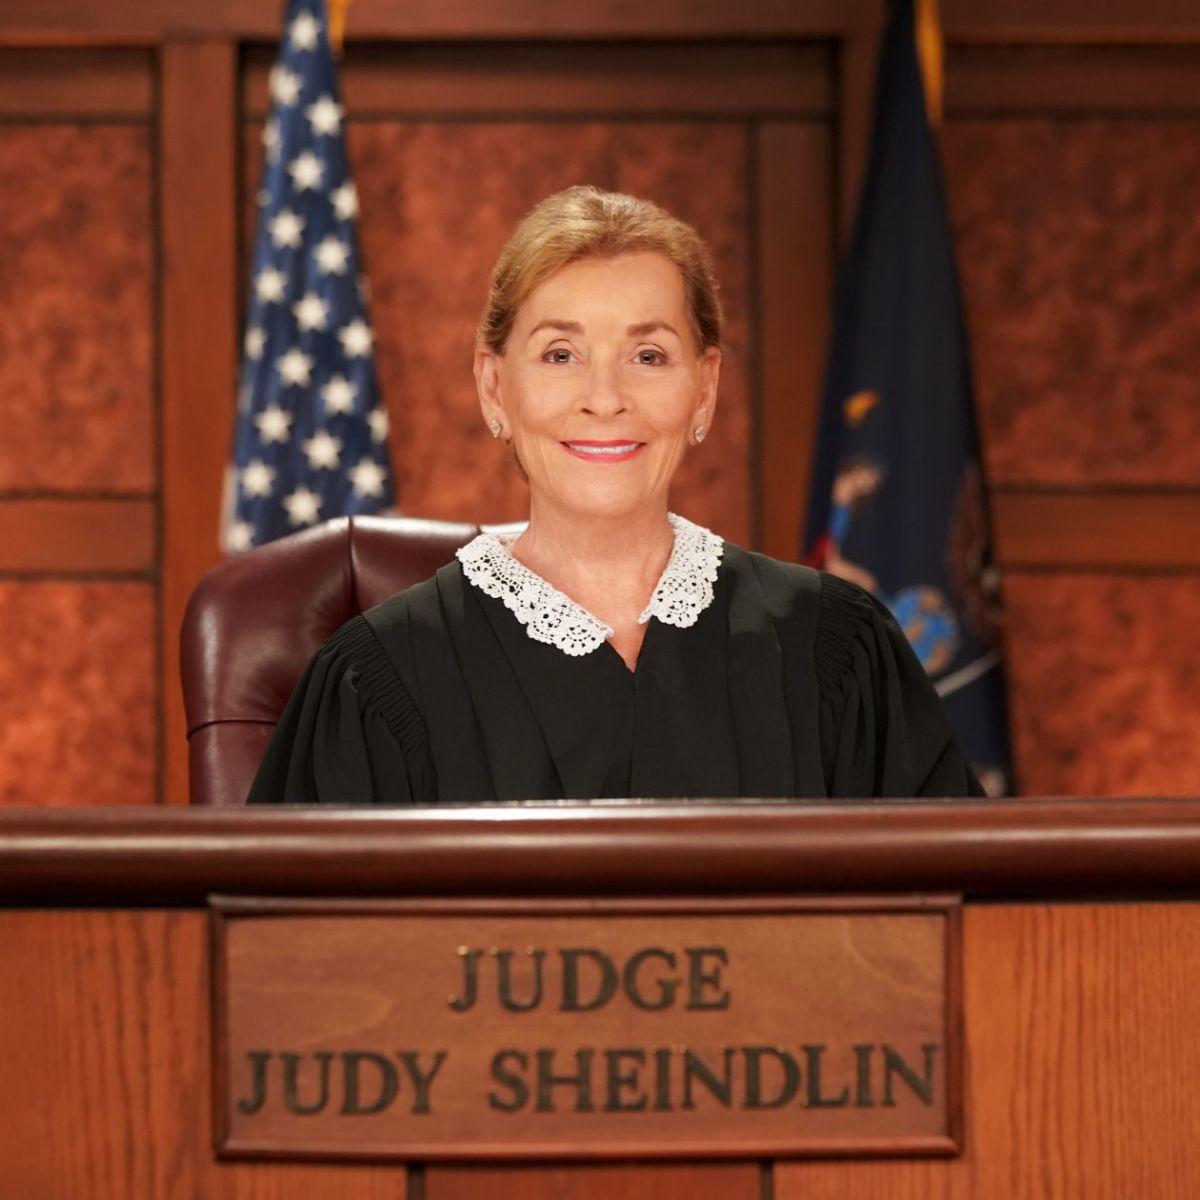 Judge Judy CBS.jfif